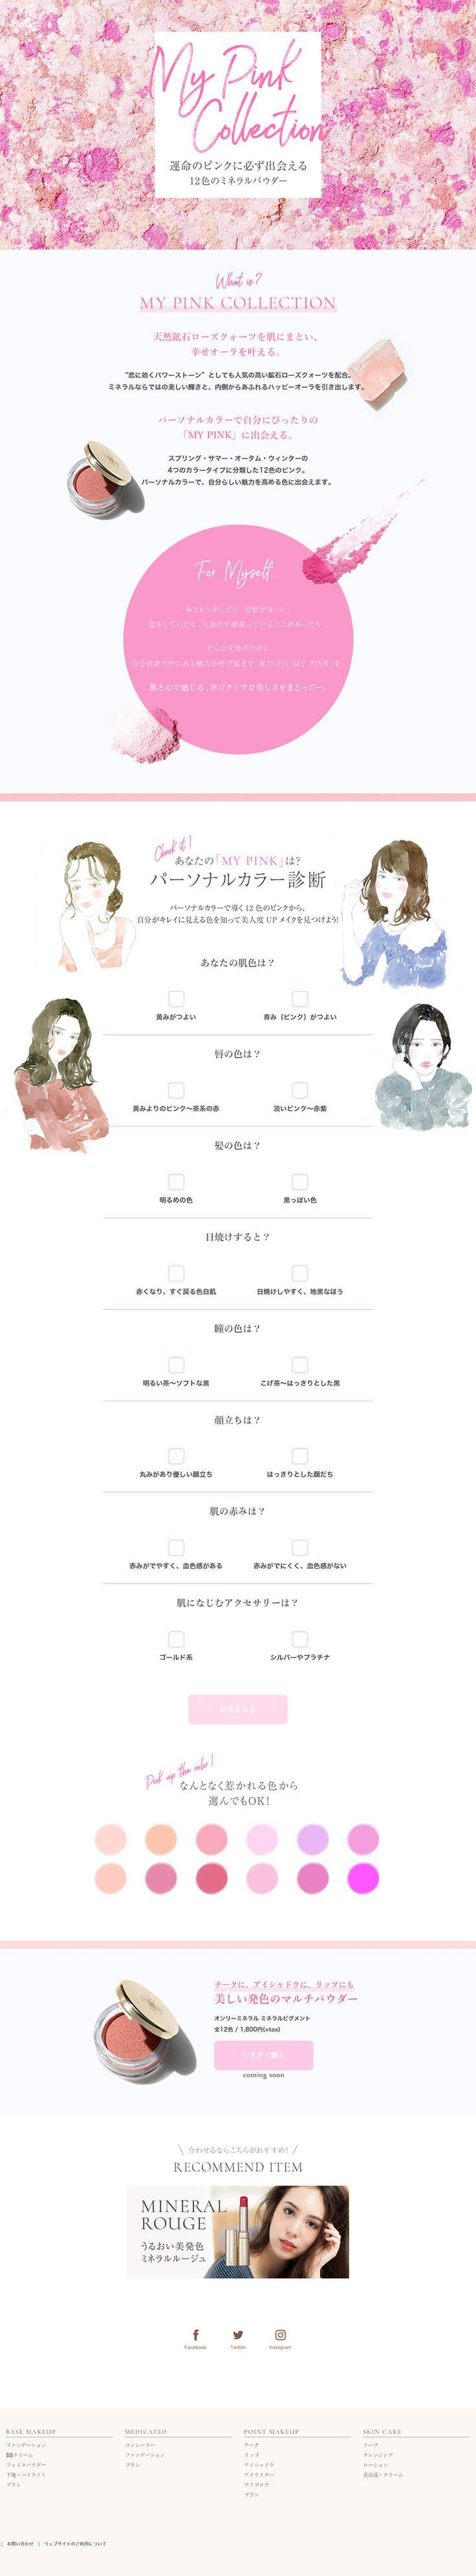 ヤーマン株式会社様の My Pink Collection のランディングページ Lp かわいい系 コスメ 化粧品 コンタクトレンズ Lp ランディングページ ランペ My Pink Collection ウェブバナーのデザイン Lp デザイン ウェブデザイン